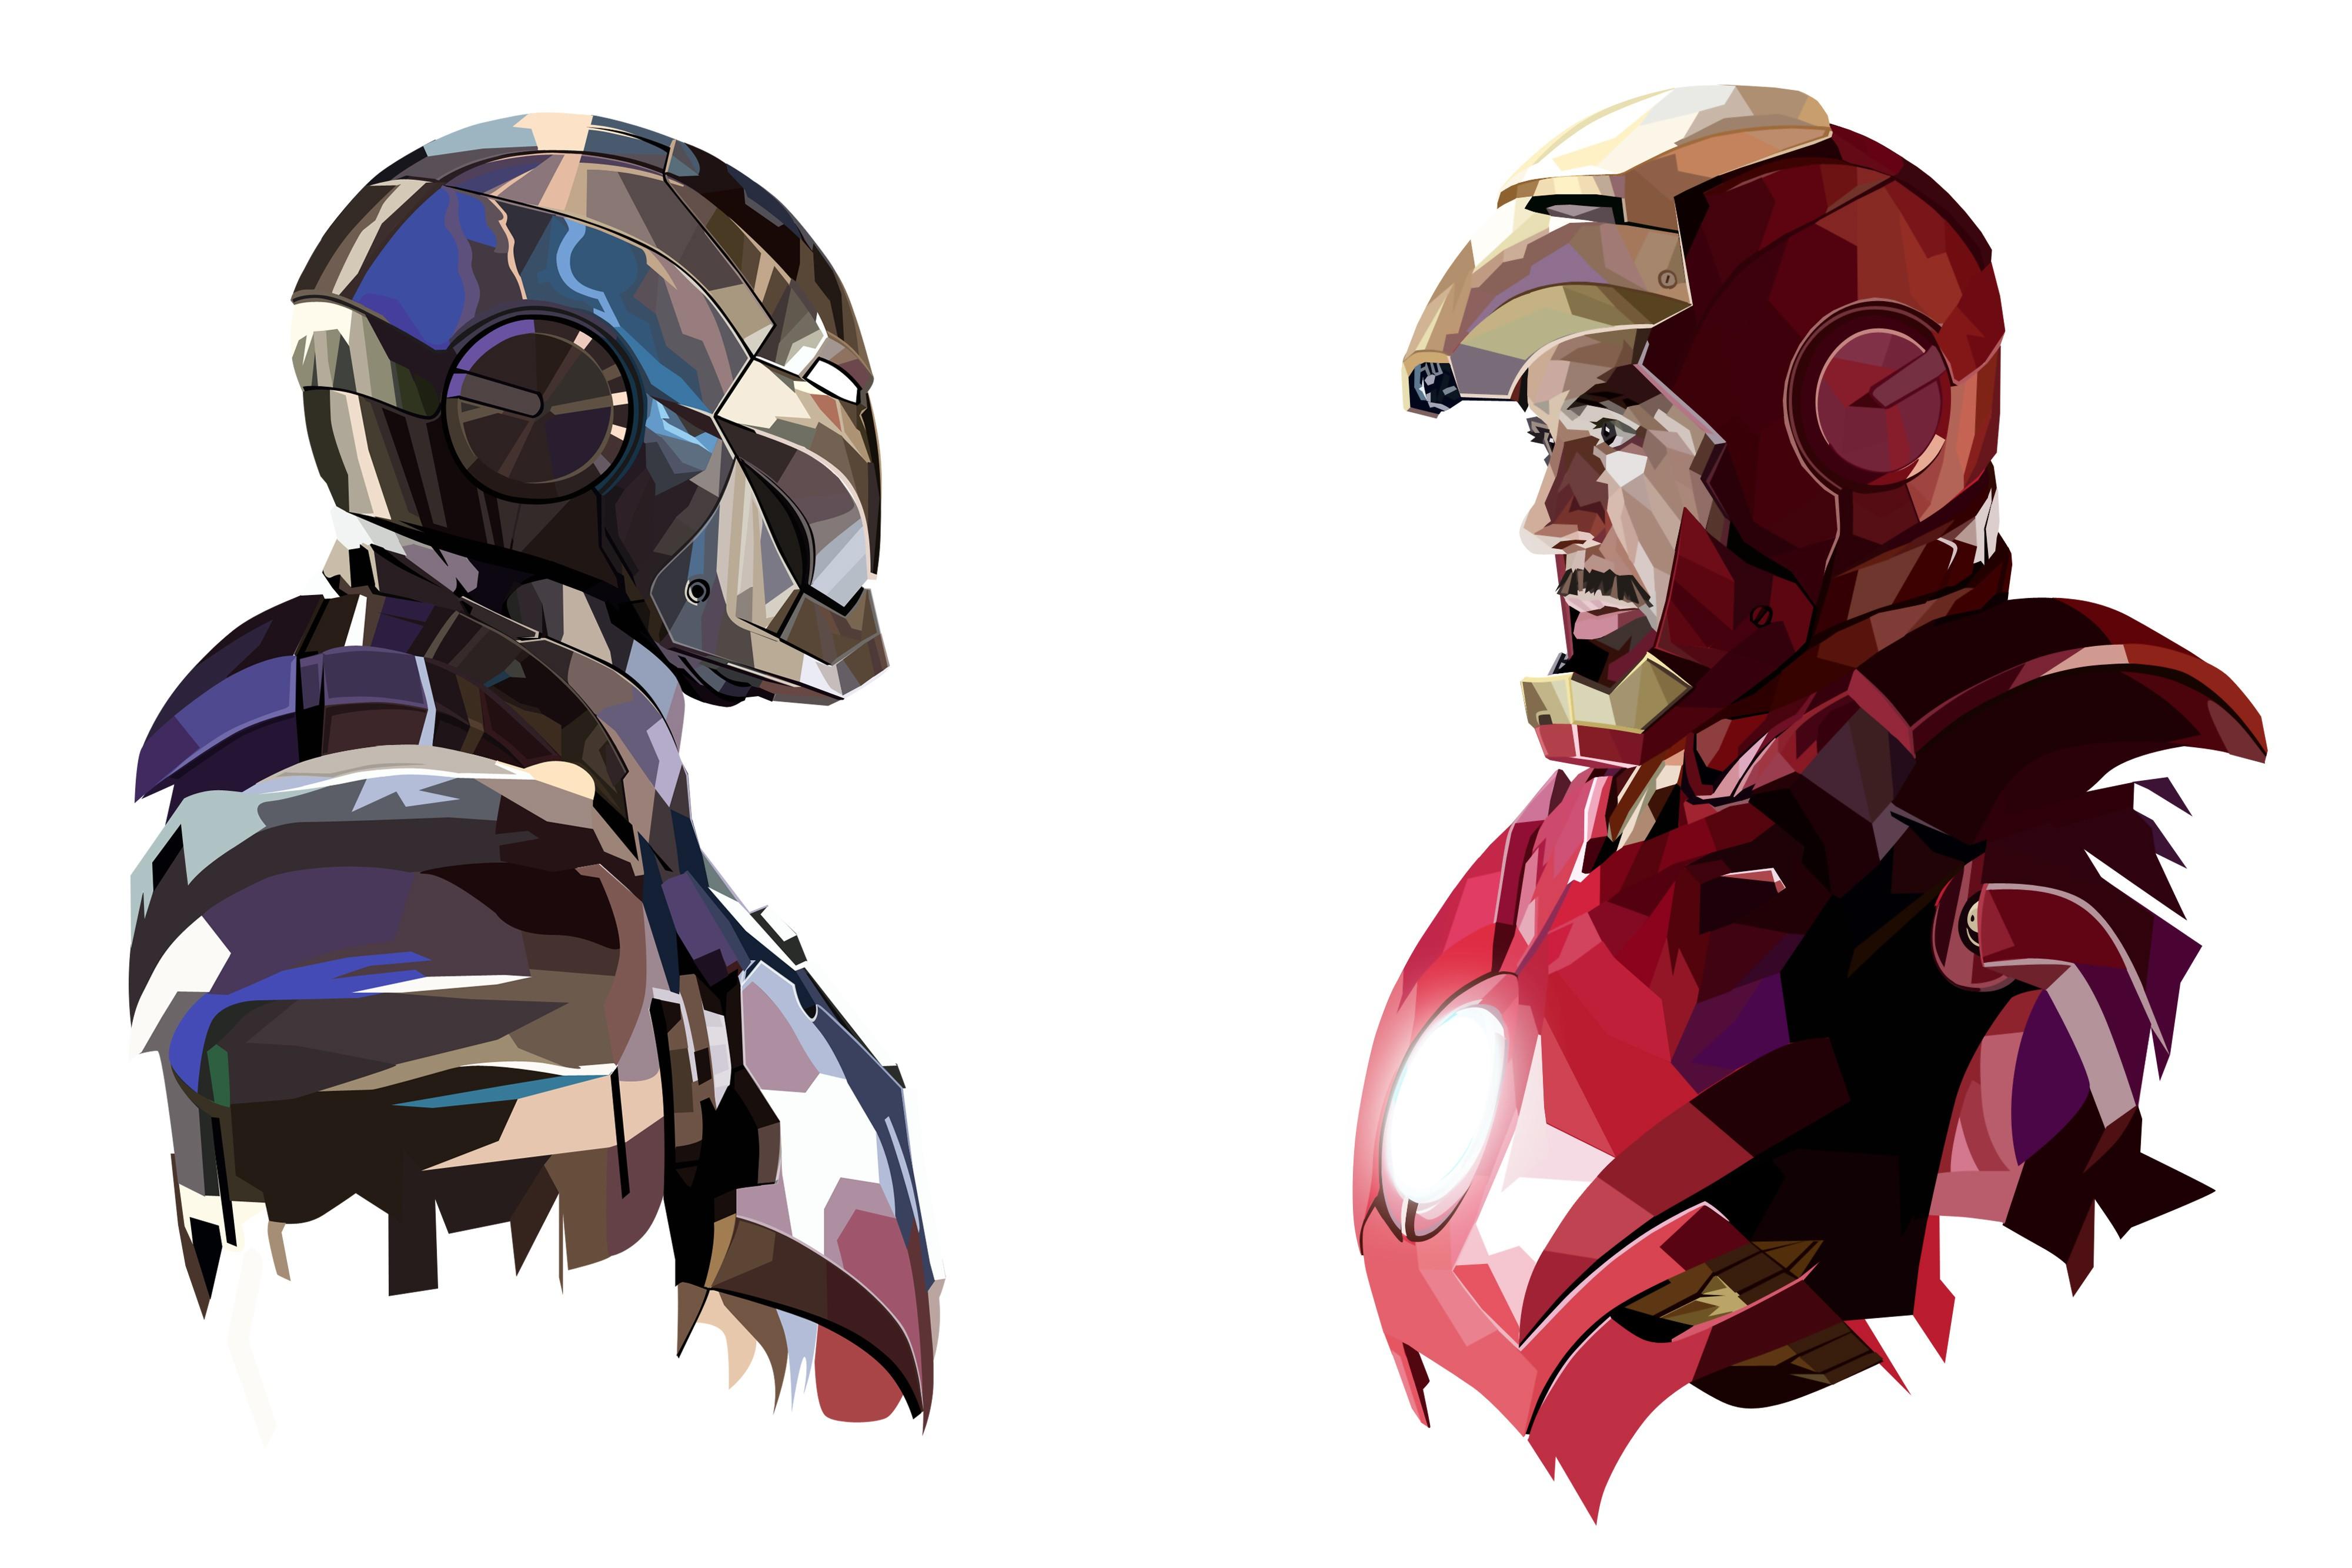 Wallpaper Illustration Anime Cartoon Superhero Iron